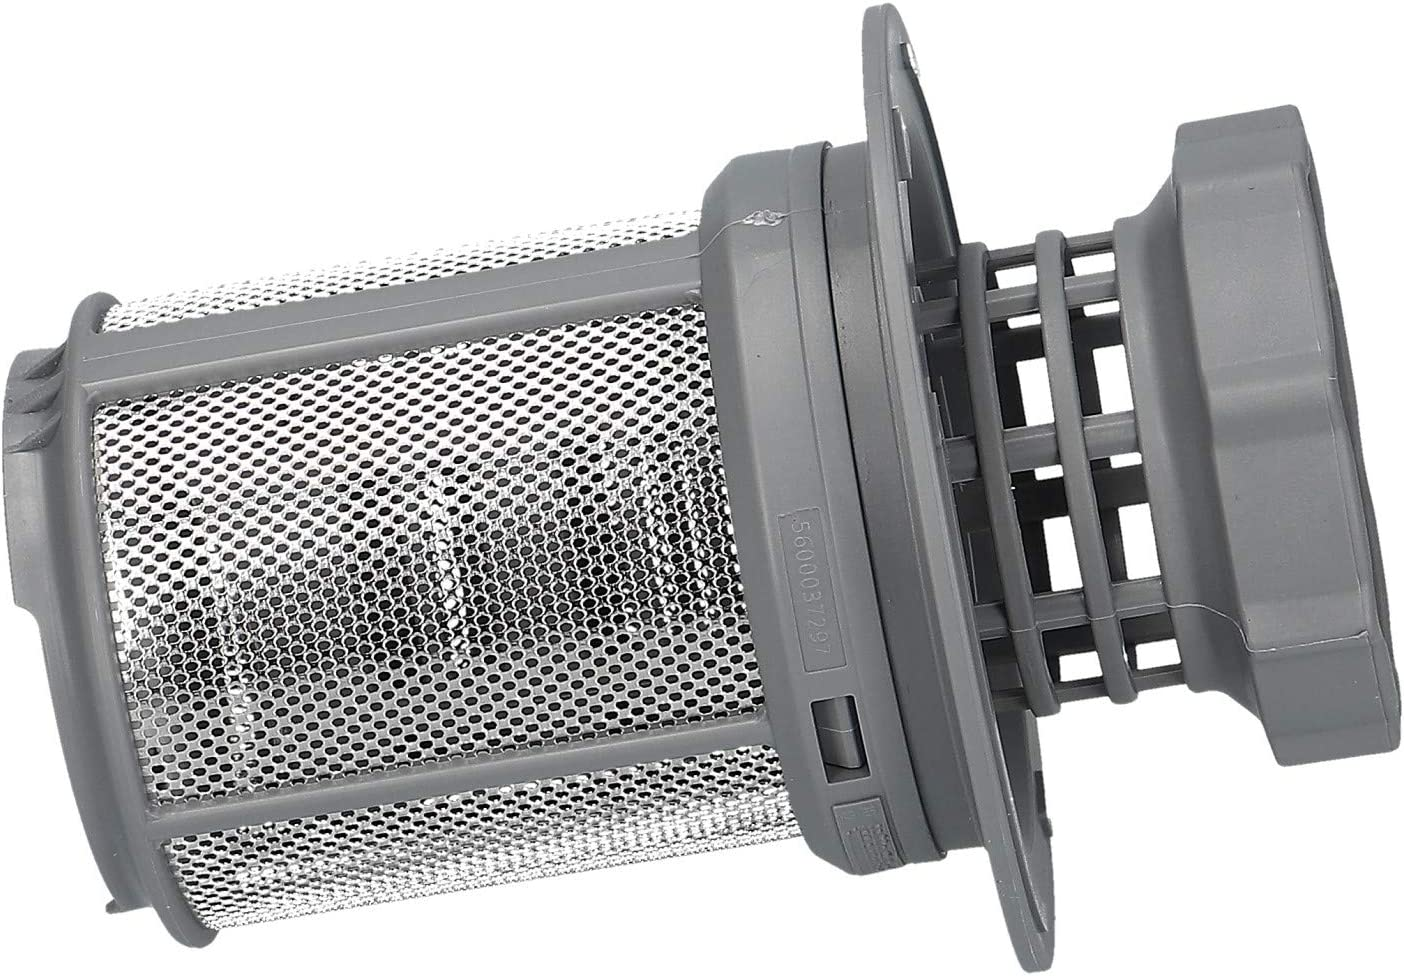 TECNIK 427903 filtre Micro Lave-vaisselle mesh